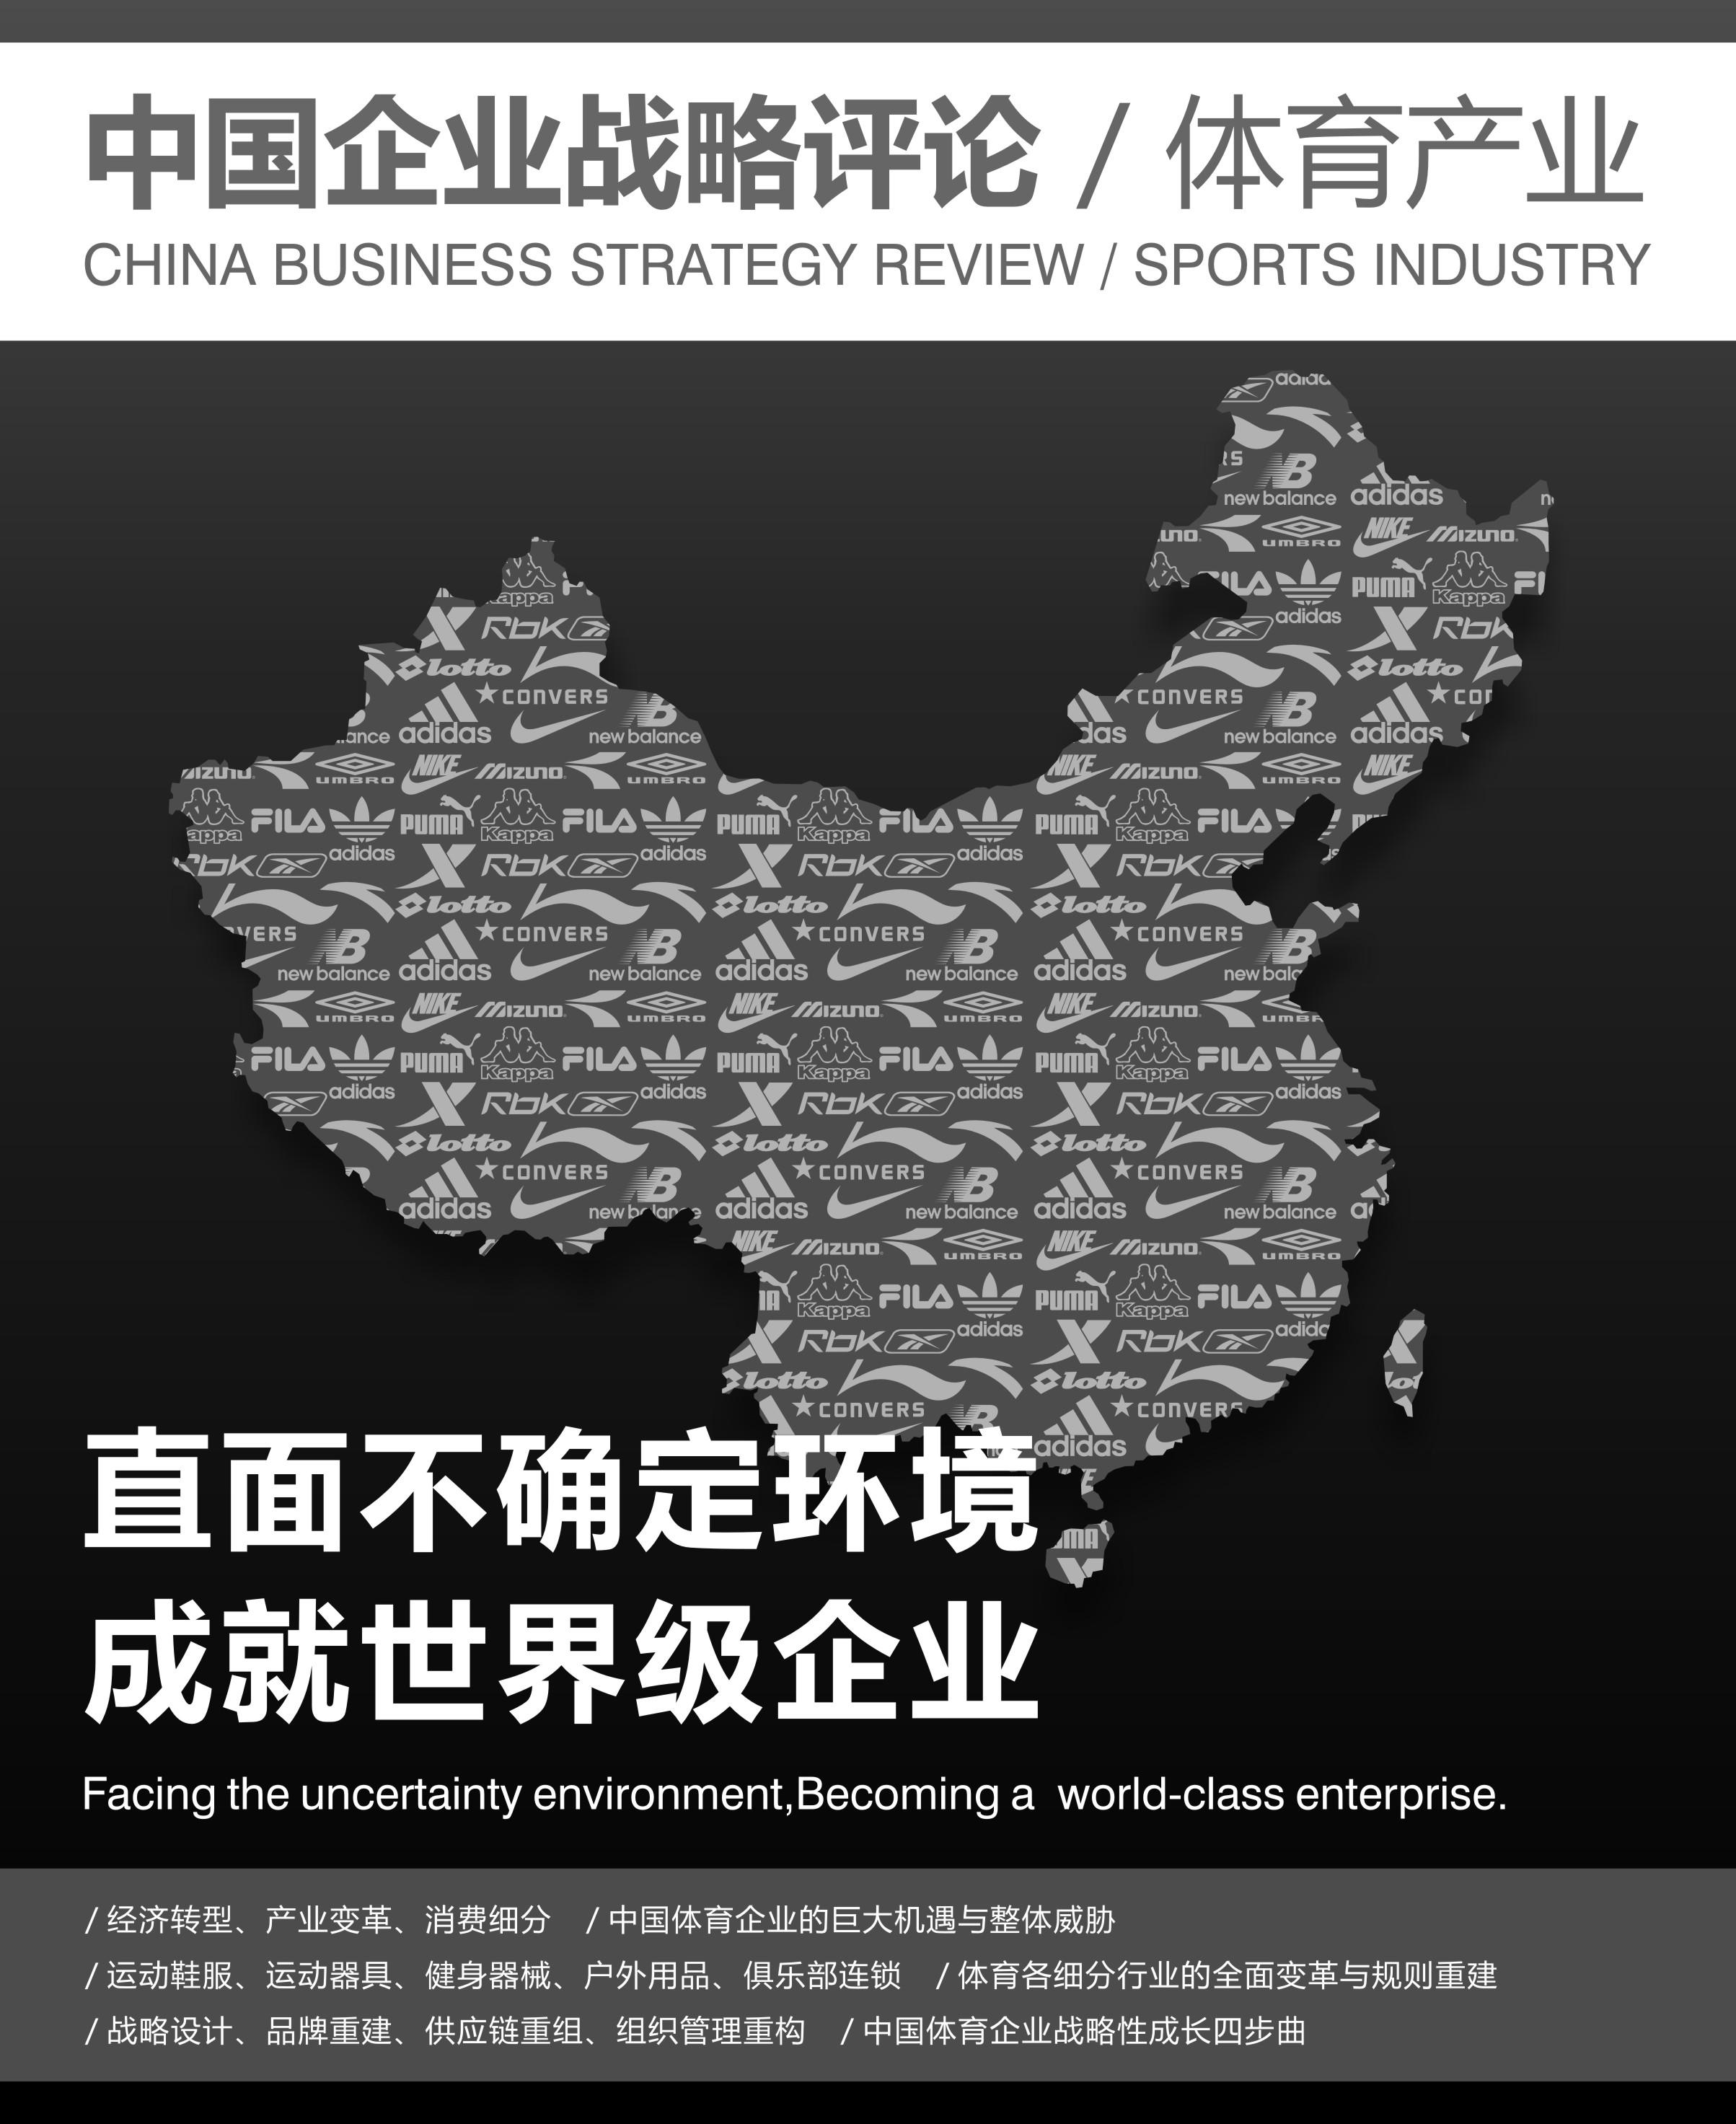 体育用品产业:直面不确定环境,成就世界级企业